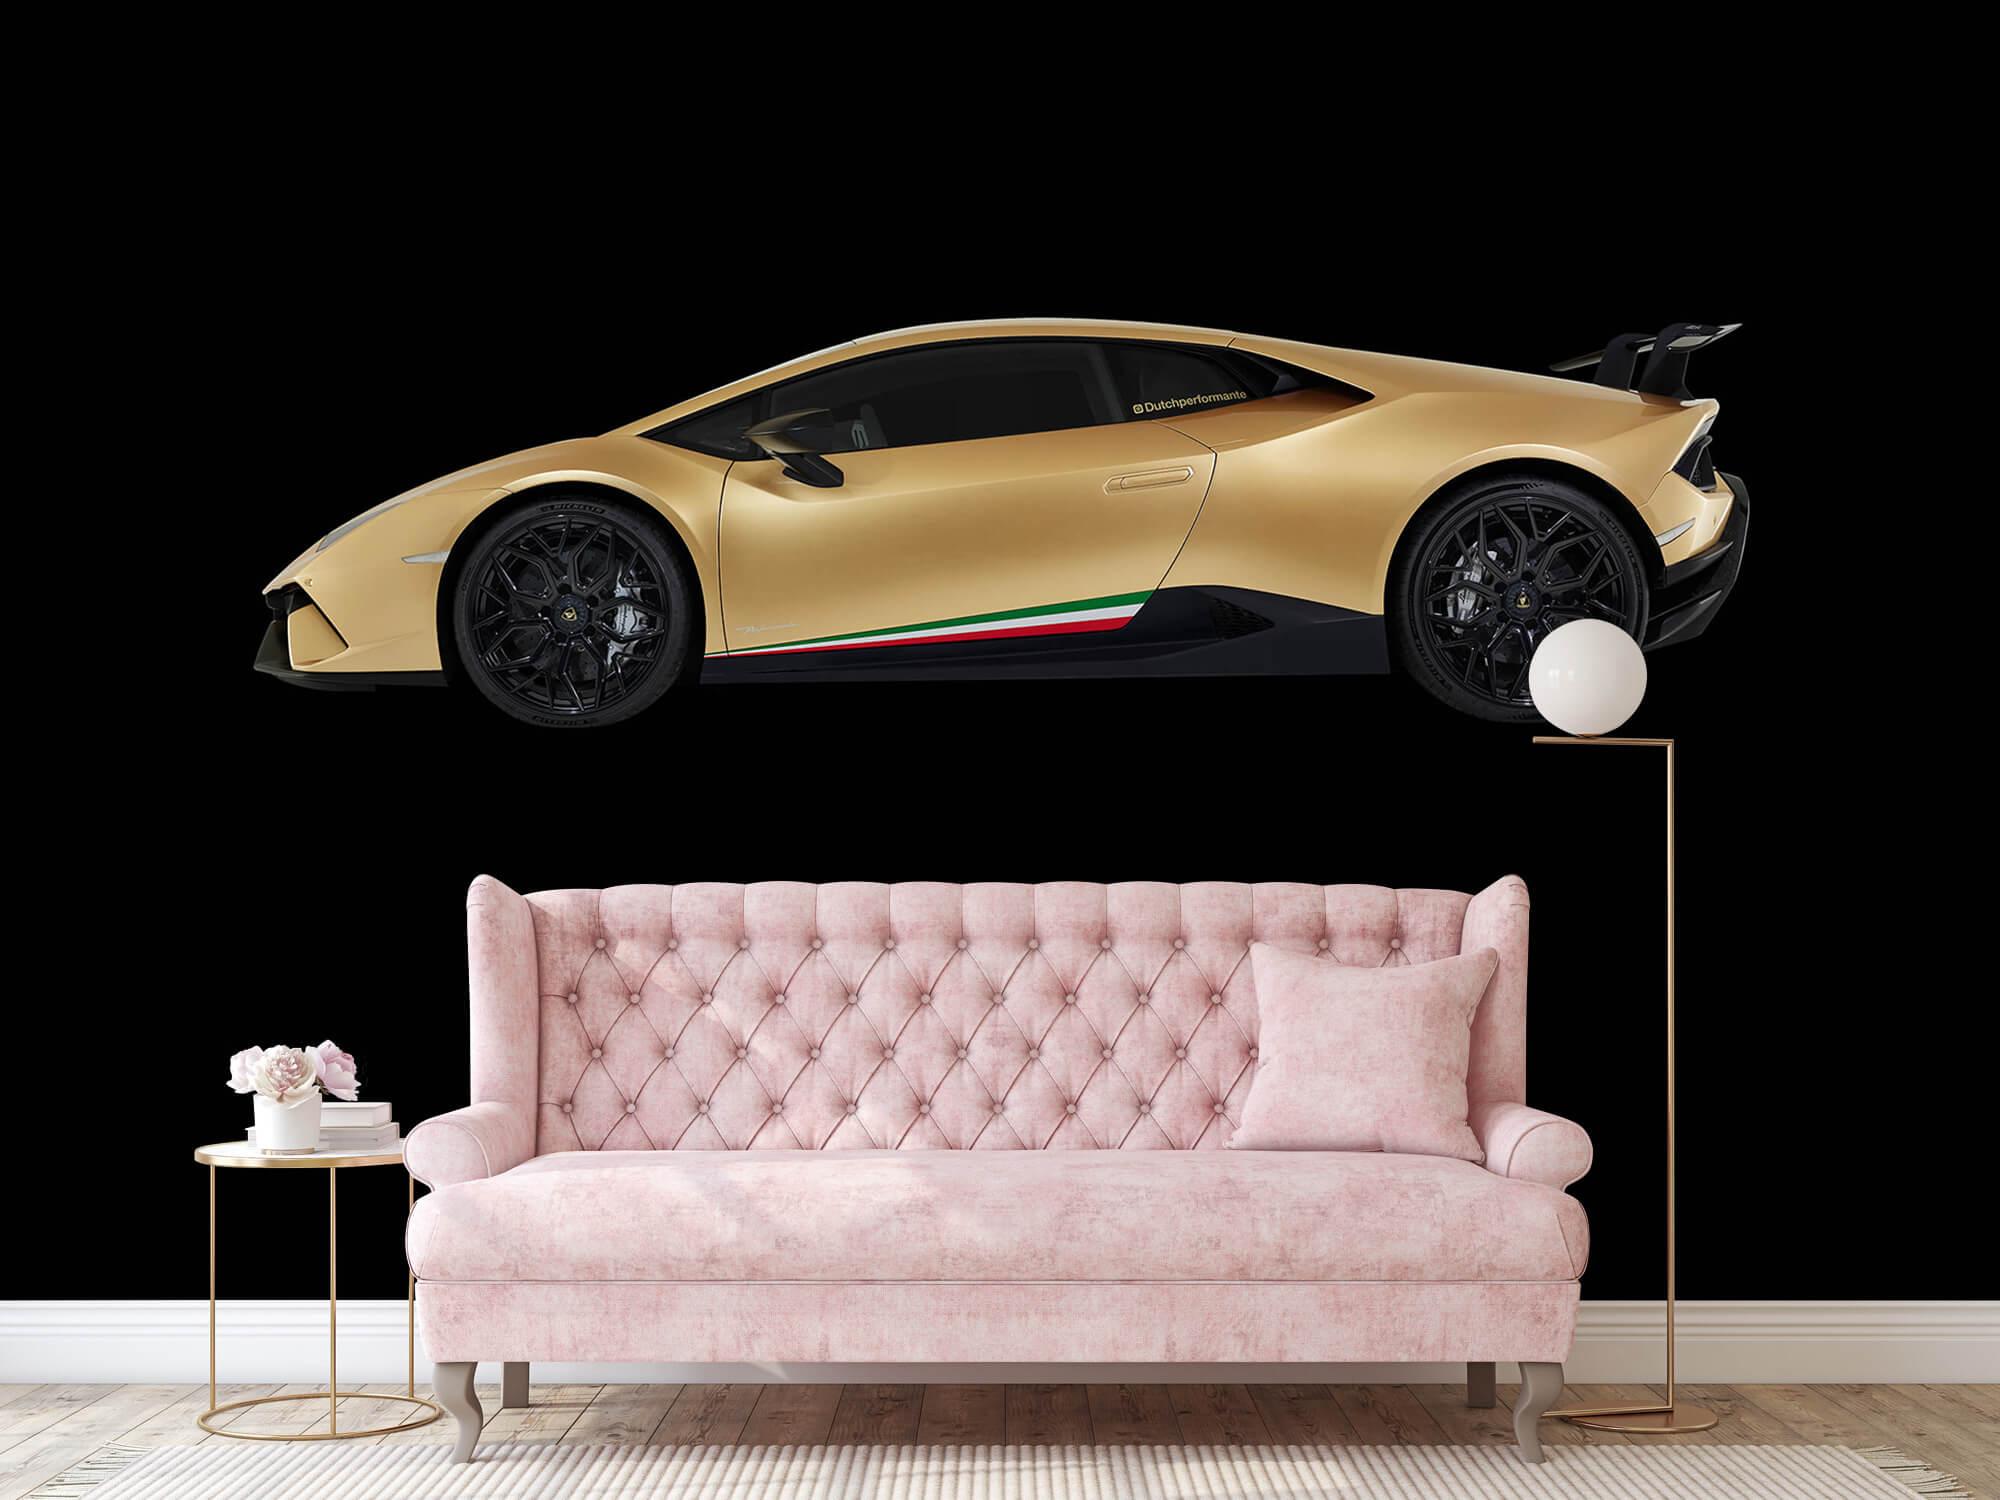 Wallpaper Lamborghini Huracán - Sida, svart 14